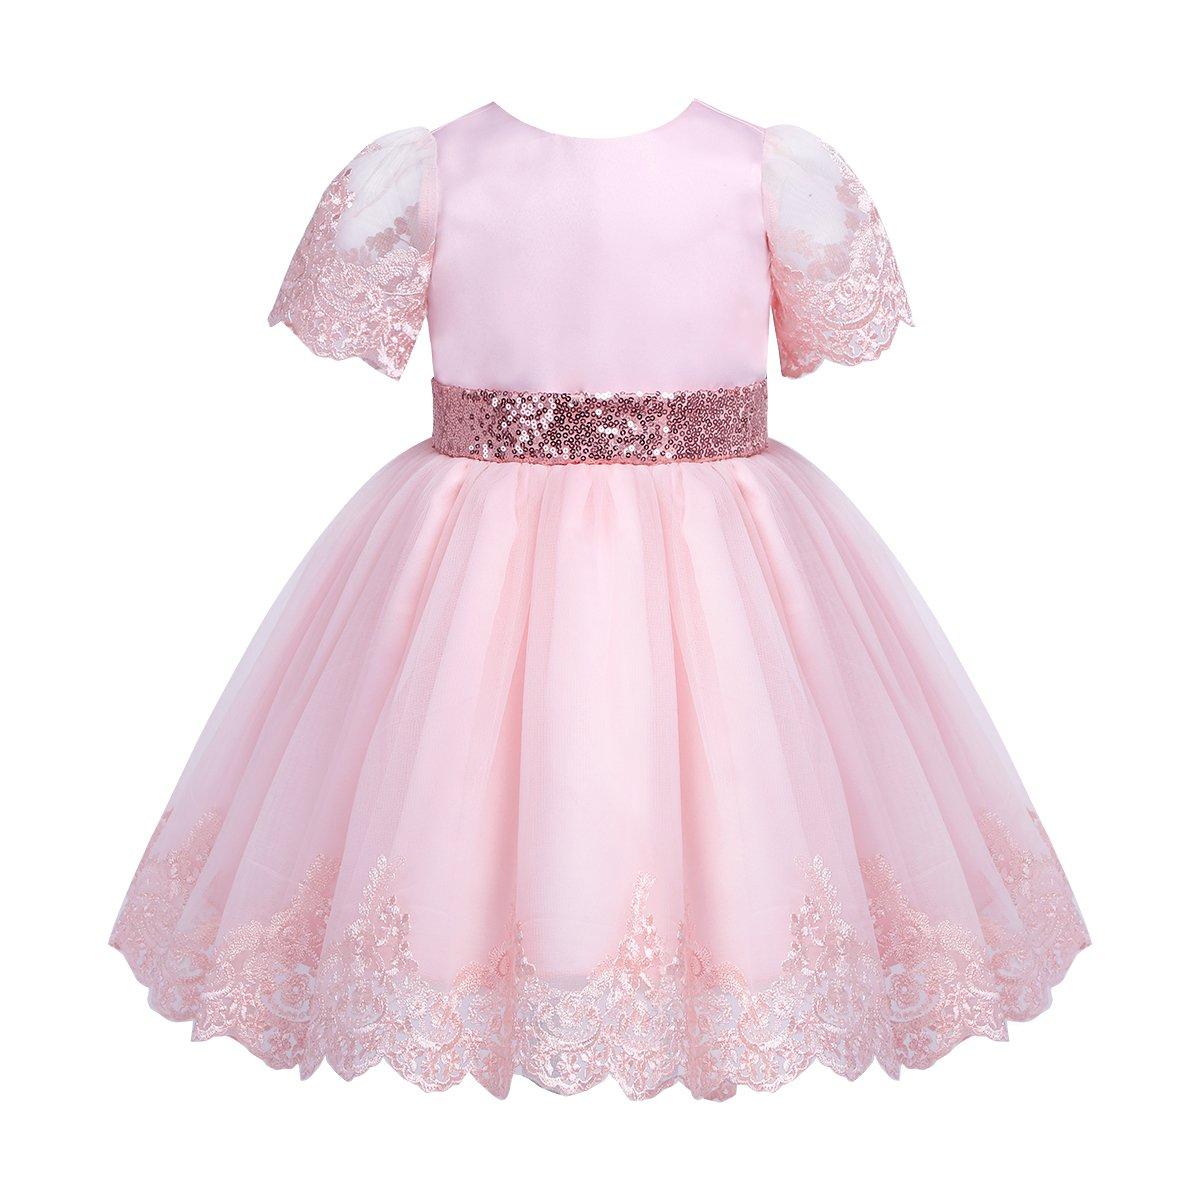 世界の dPois DRESS 3 ベビーガールズ 3 DRESS - 6 Months ピンク - B07F3YLLKB, 上浮穴郡:2d9d5075 --- a0267596.xsph.ru